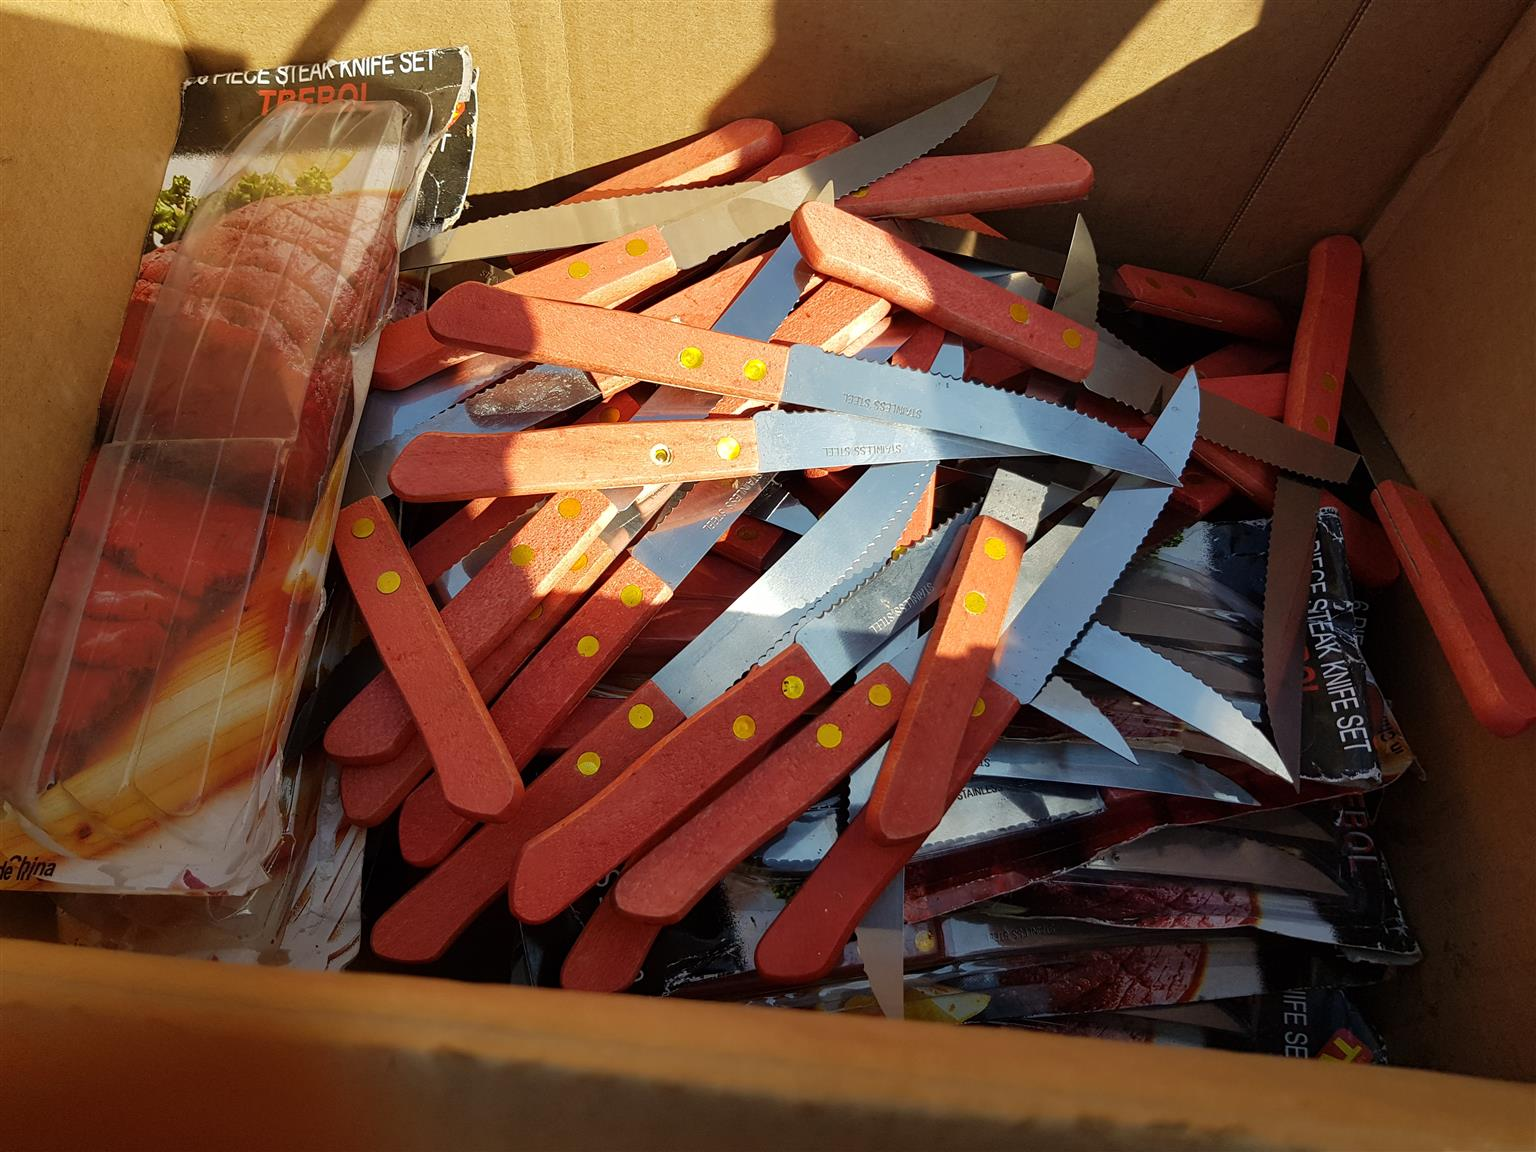 Steak knives (new)